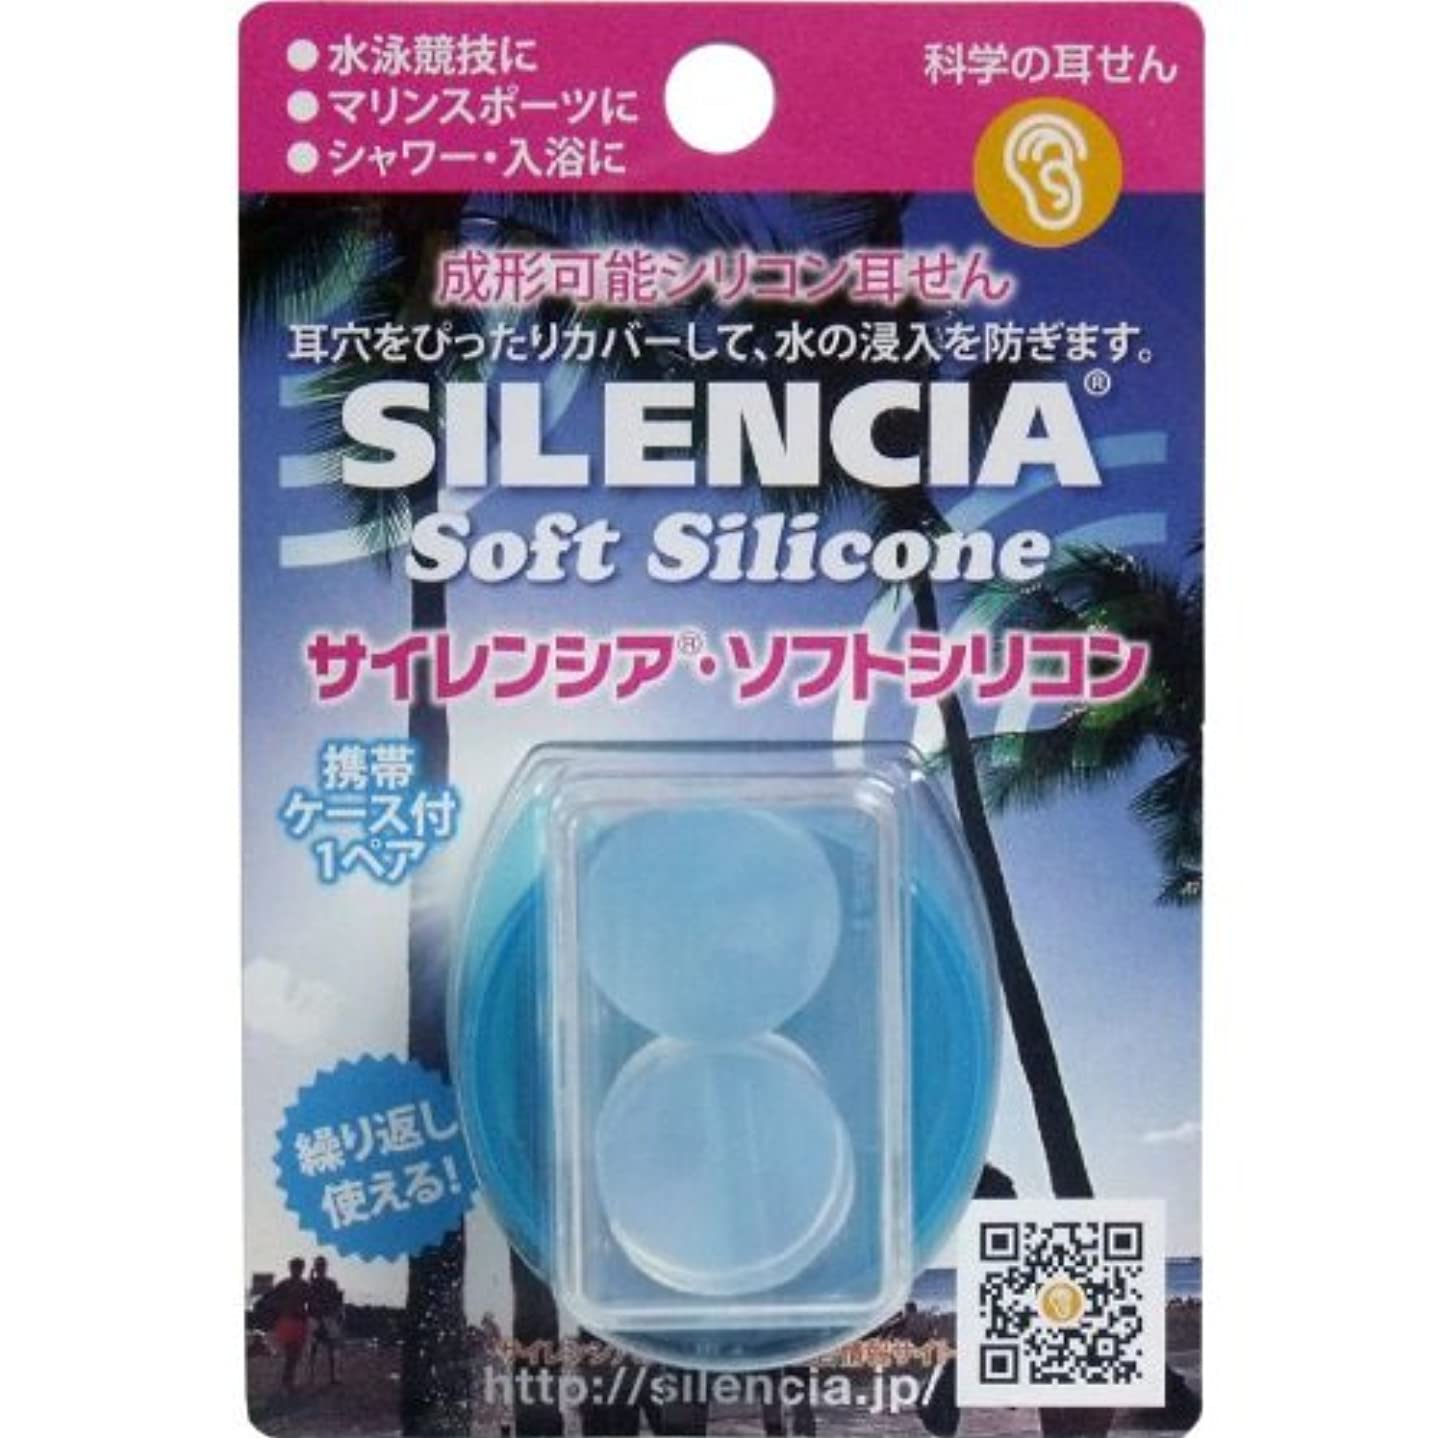 滴下成熟冊子サイレンシア ソフトシリコン 携帯ケース付1ペア入